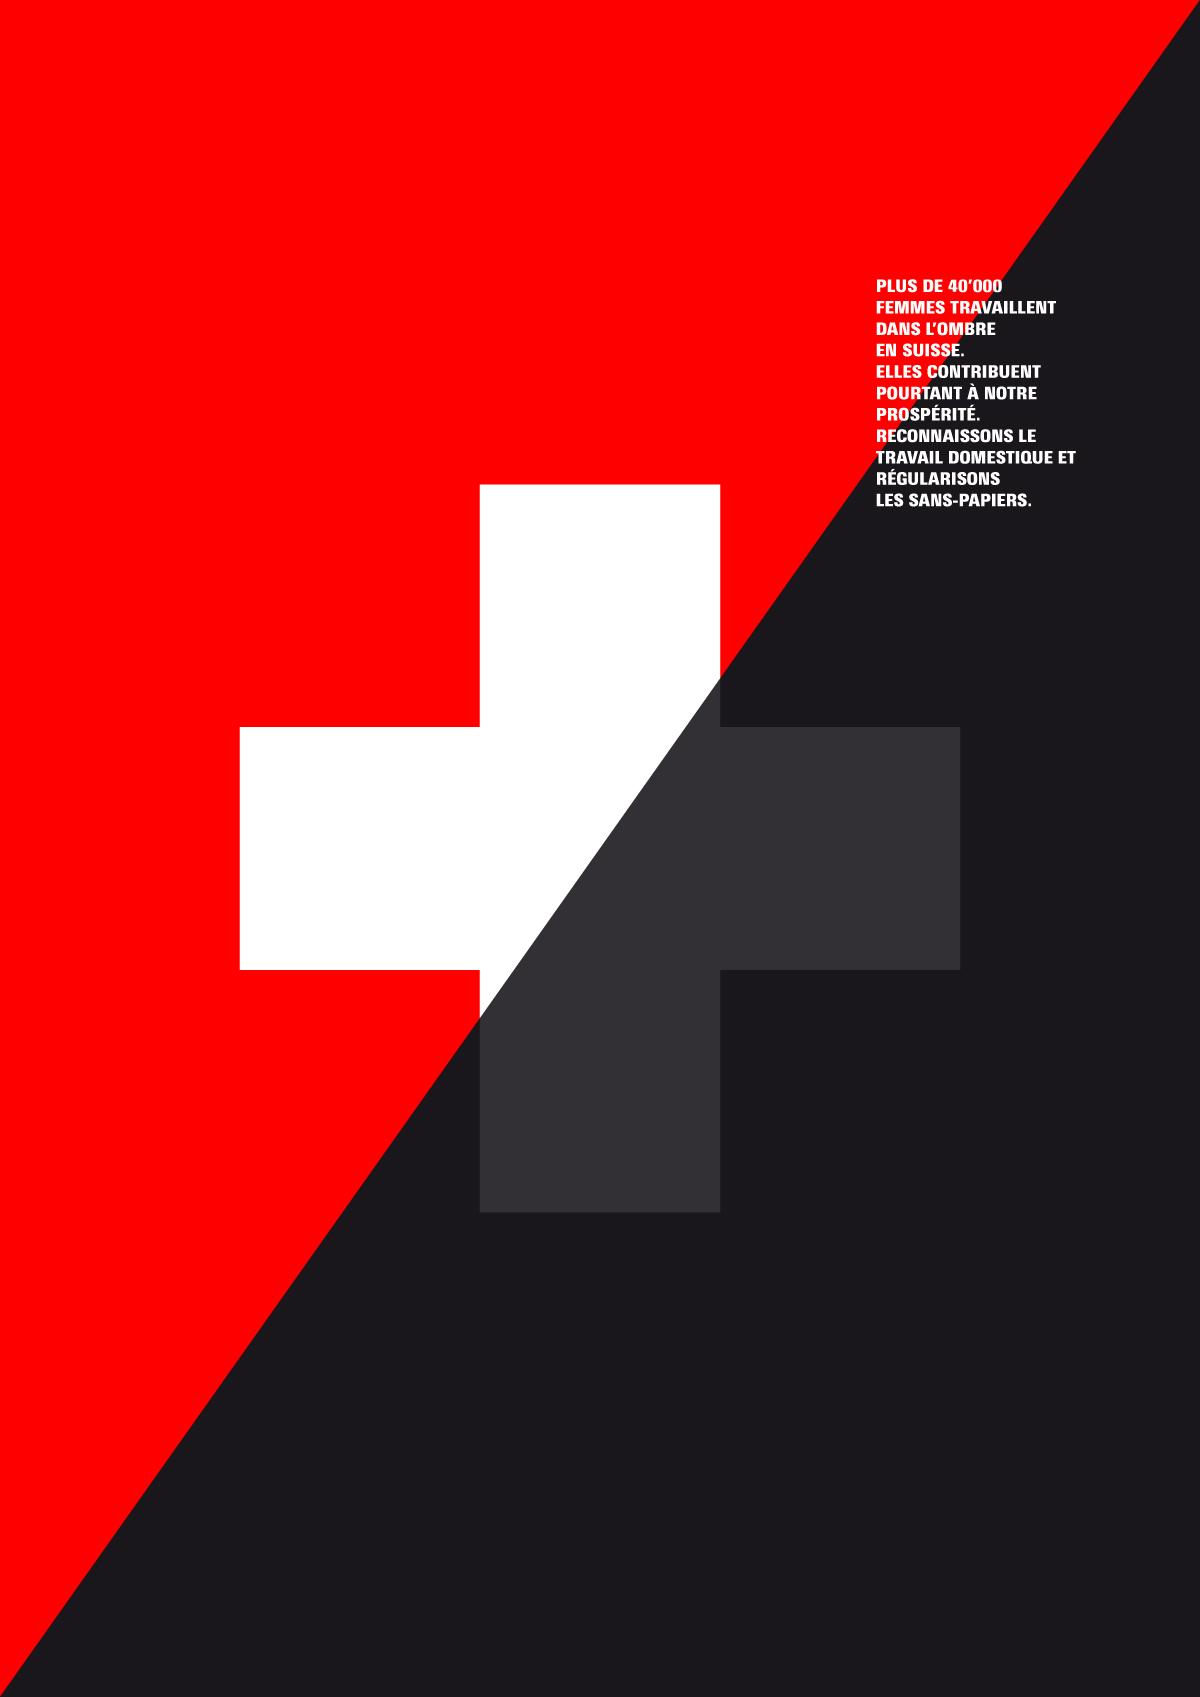 Affiche pour la régularisation des travailleurs domestiques sans papiers en Suisse (variante 1)